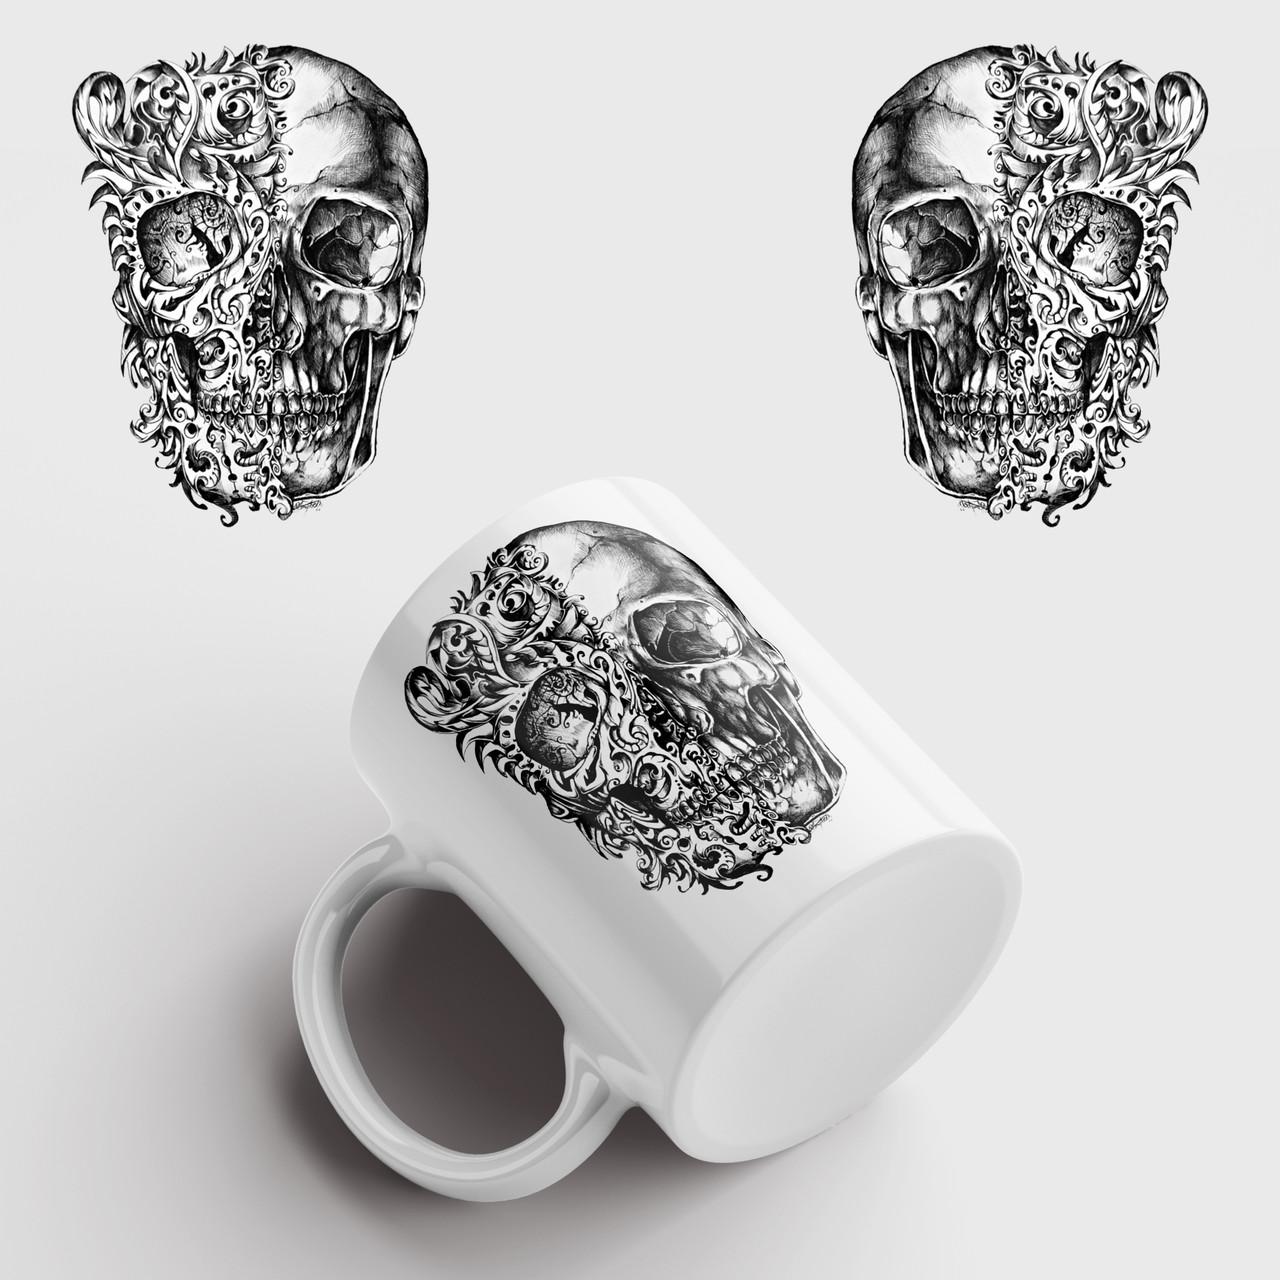 Кружка с принтом Skull Art. Череп Арт. Чашка с фото